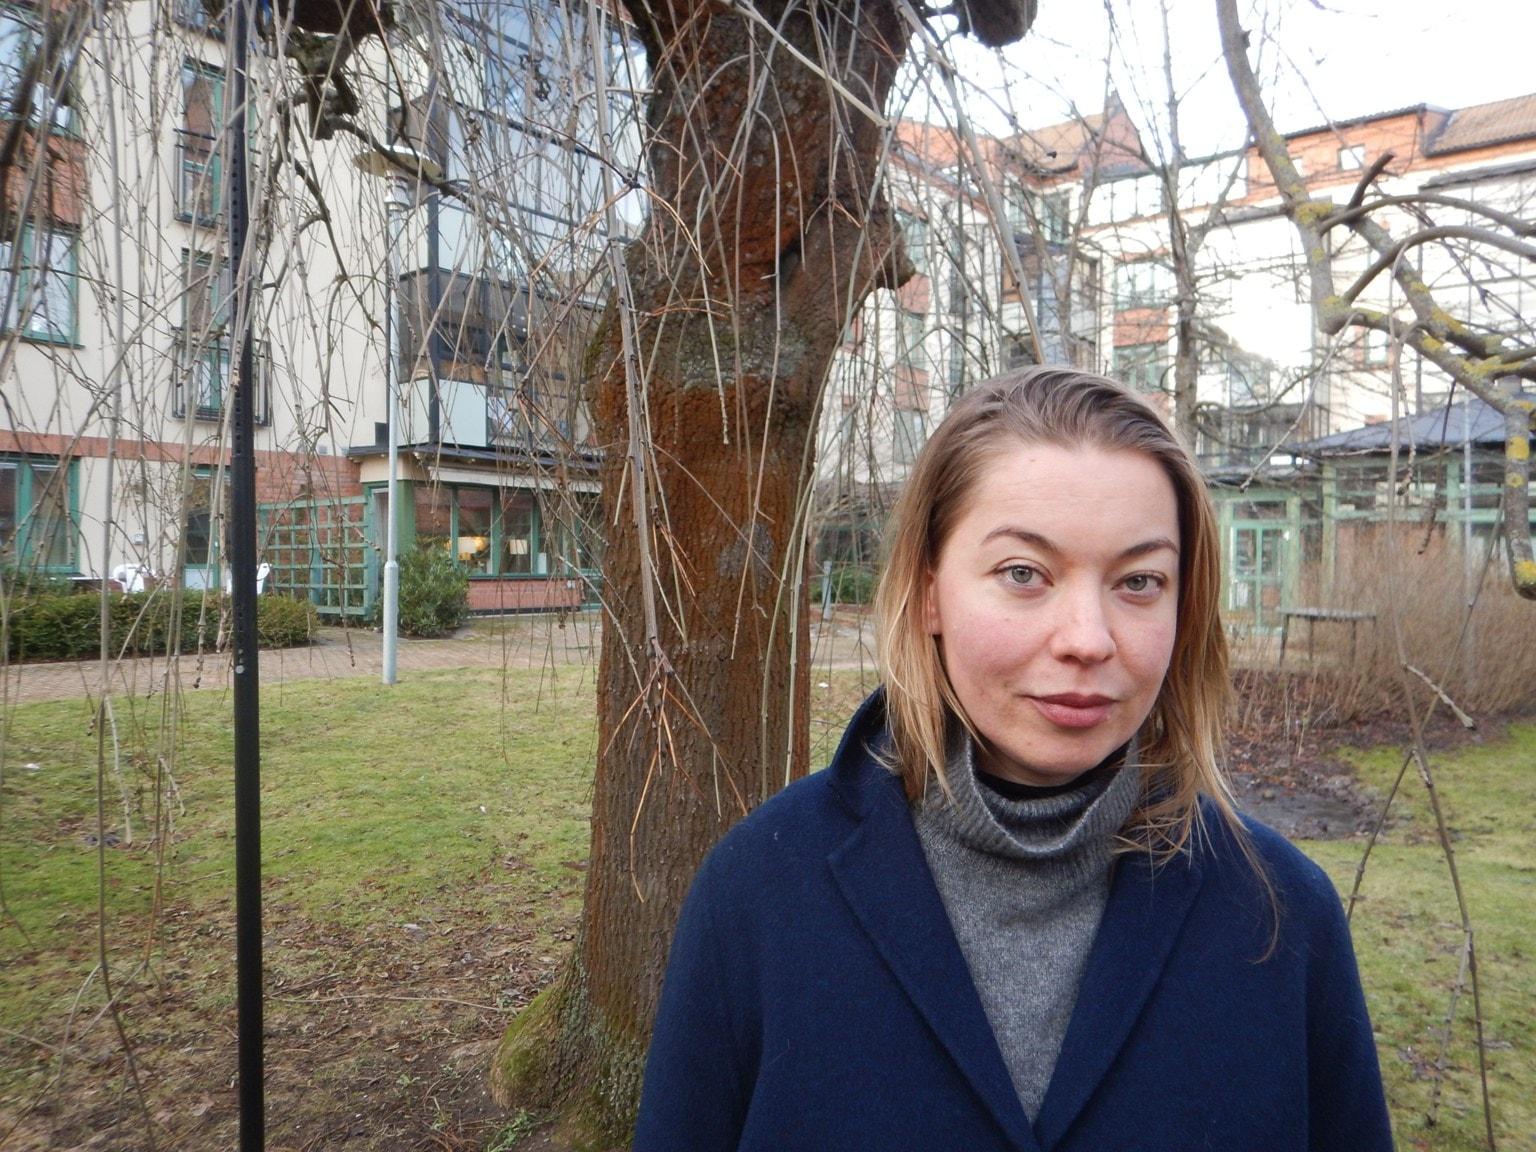 Nominerad till Sveriges Radios Novellpris. Den fria rörligheten av och med Karolina Ramqvist.